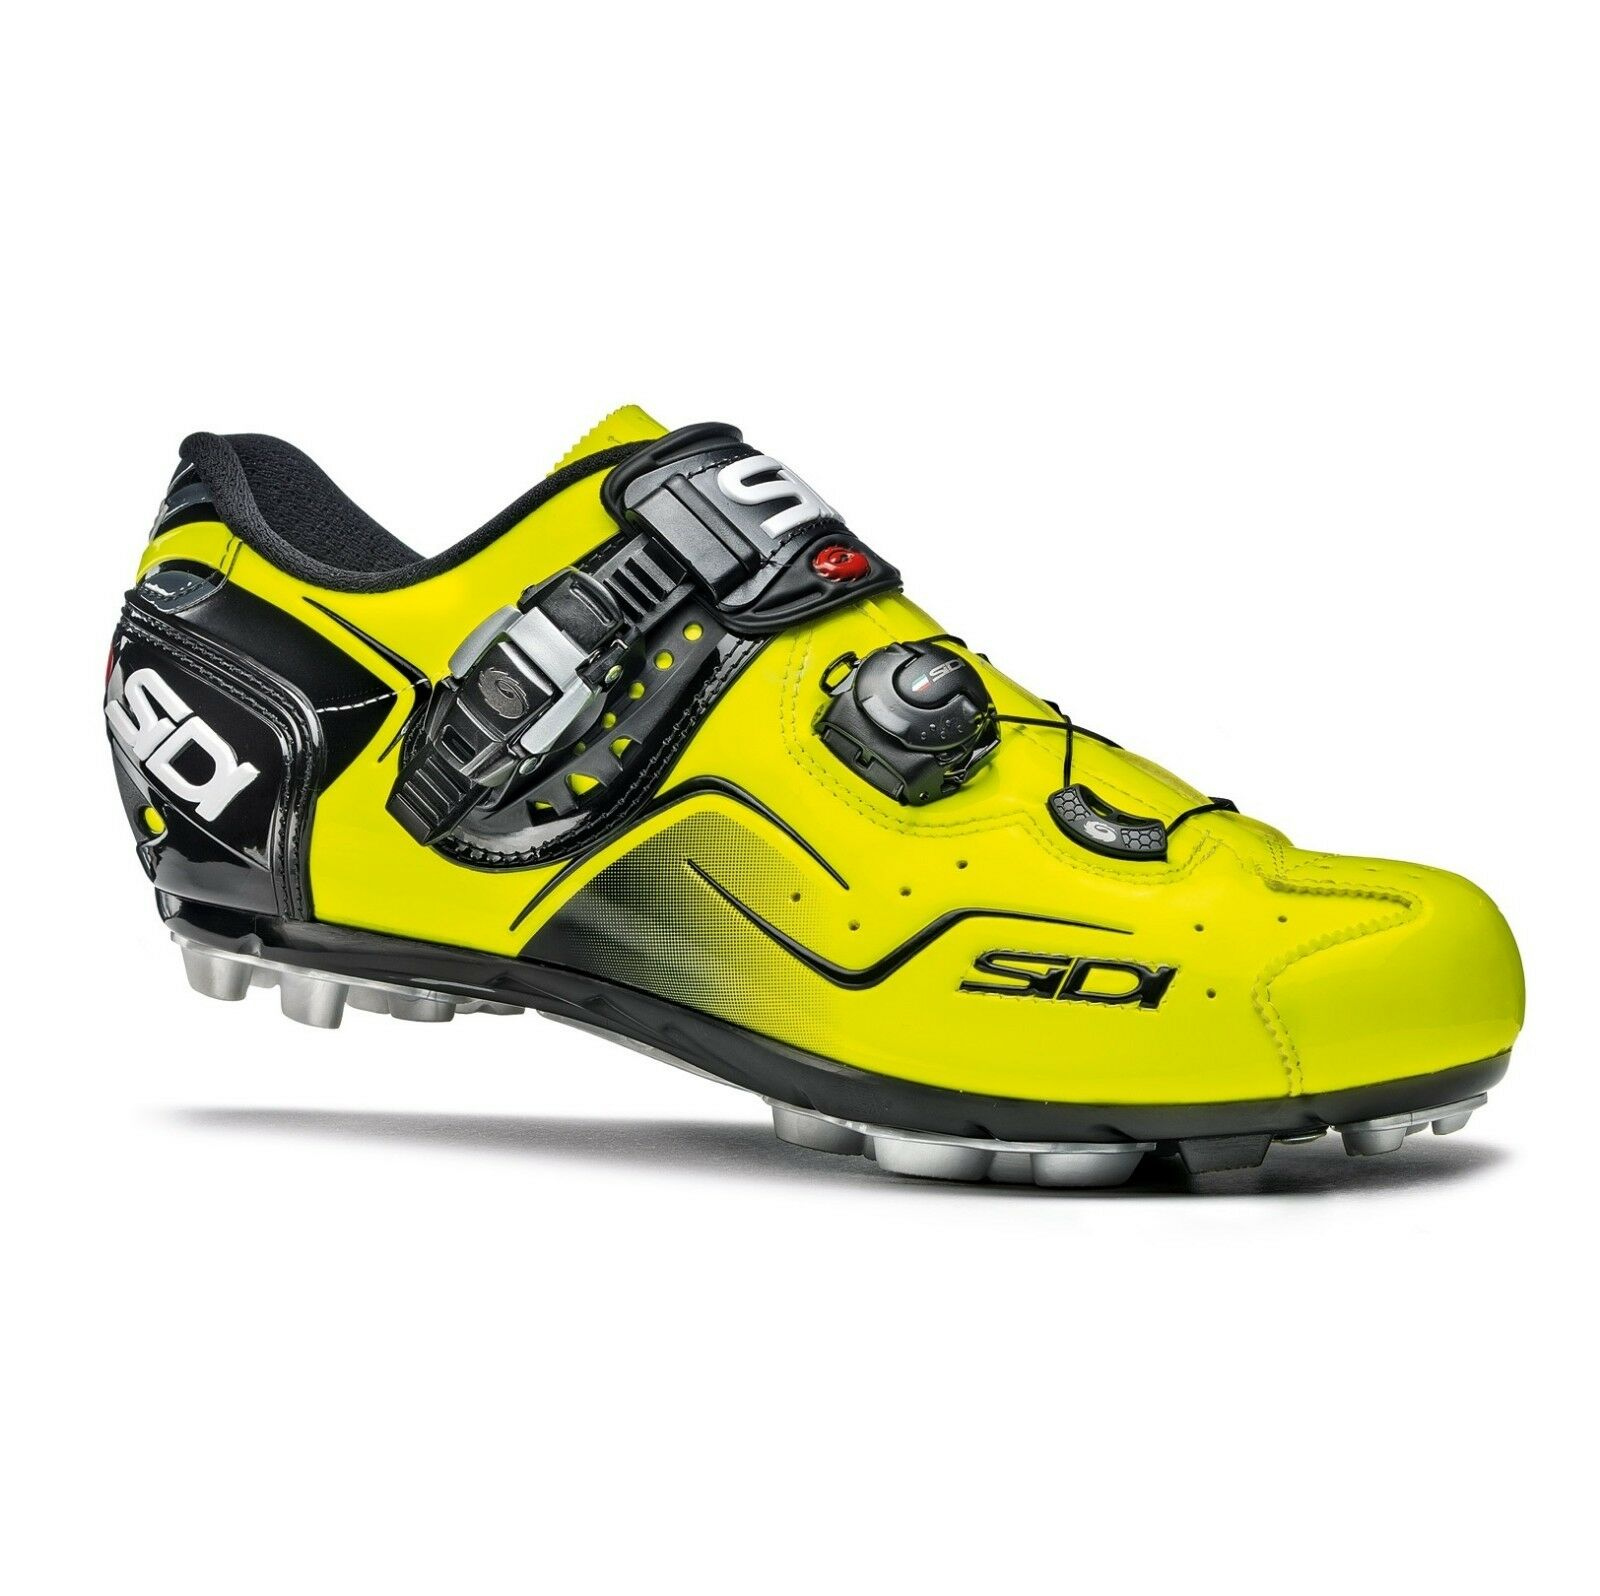 SIDI CAPE MTB Cycling scarpe Bike Cleat scarpe giallo Fluo Dimensione EUR 3846